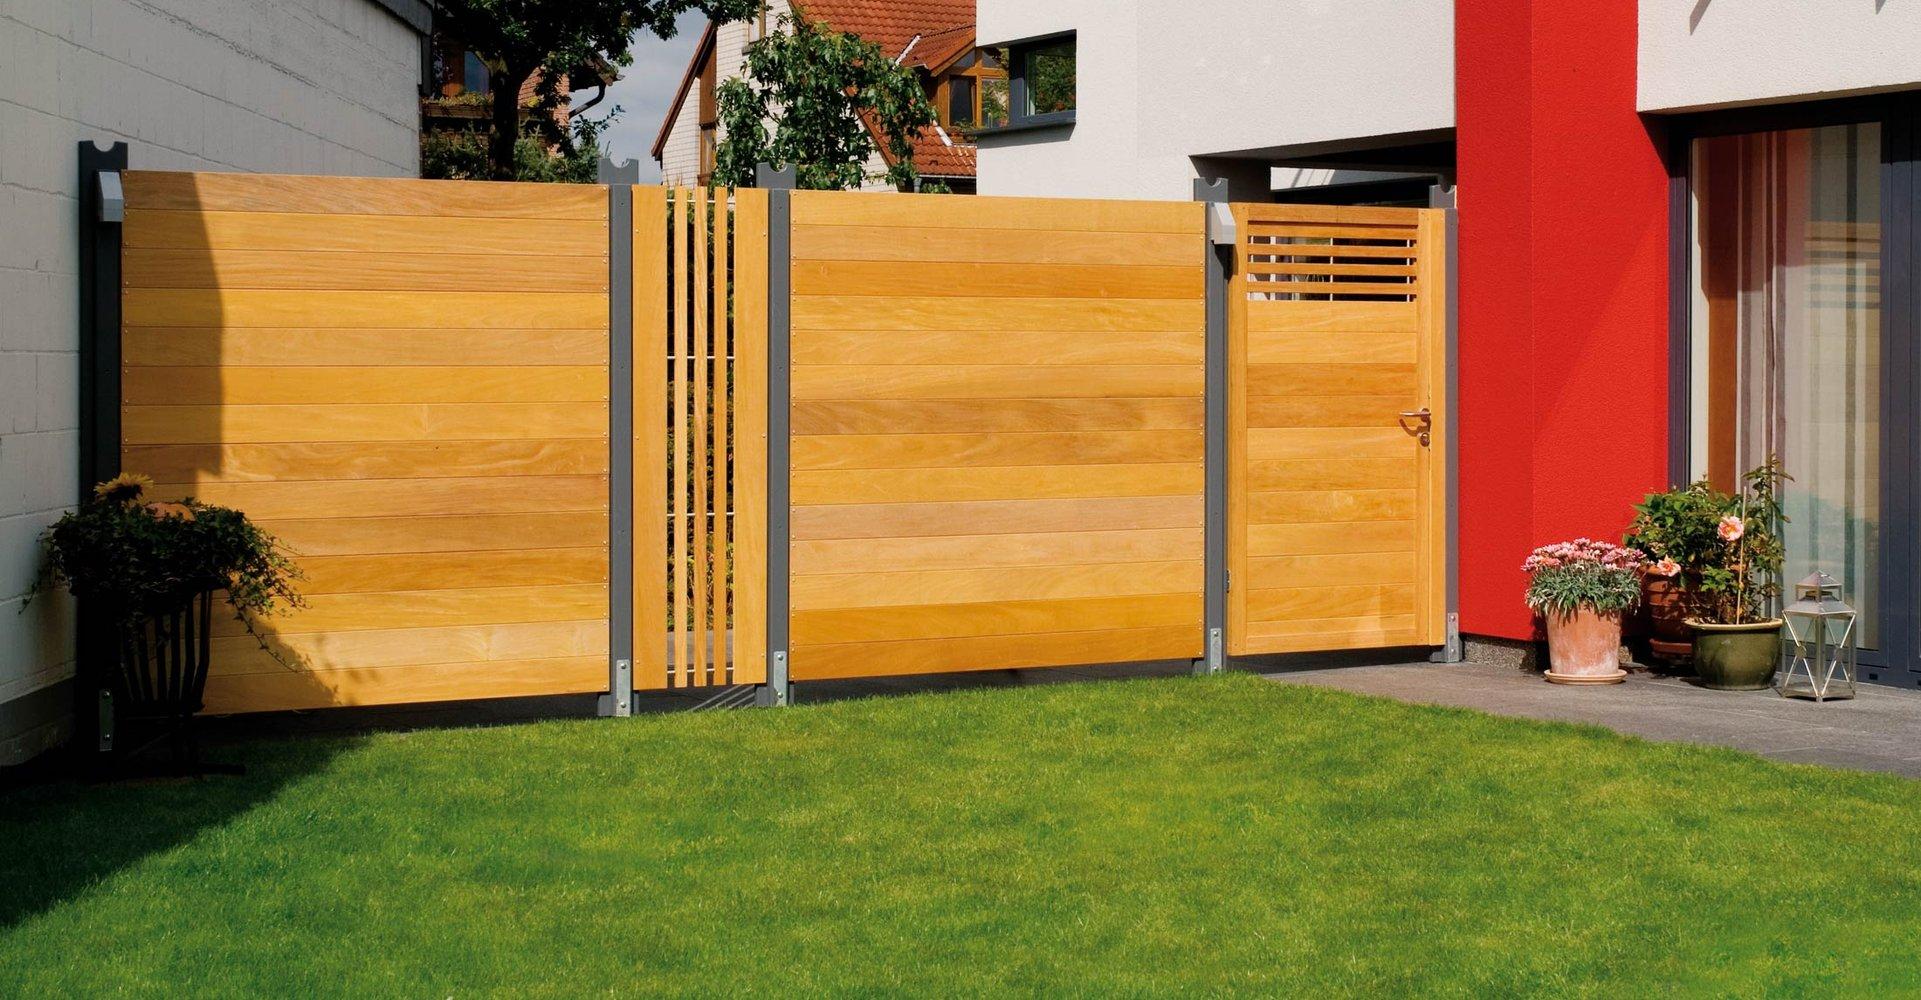 Sichtschutz Holz von Siebert in Hünfeld bei Fulda